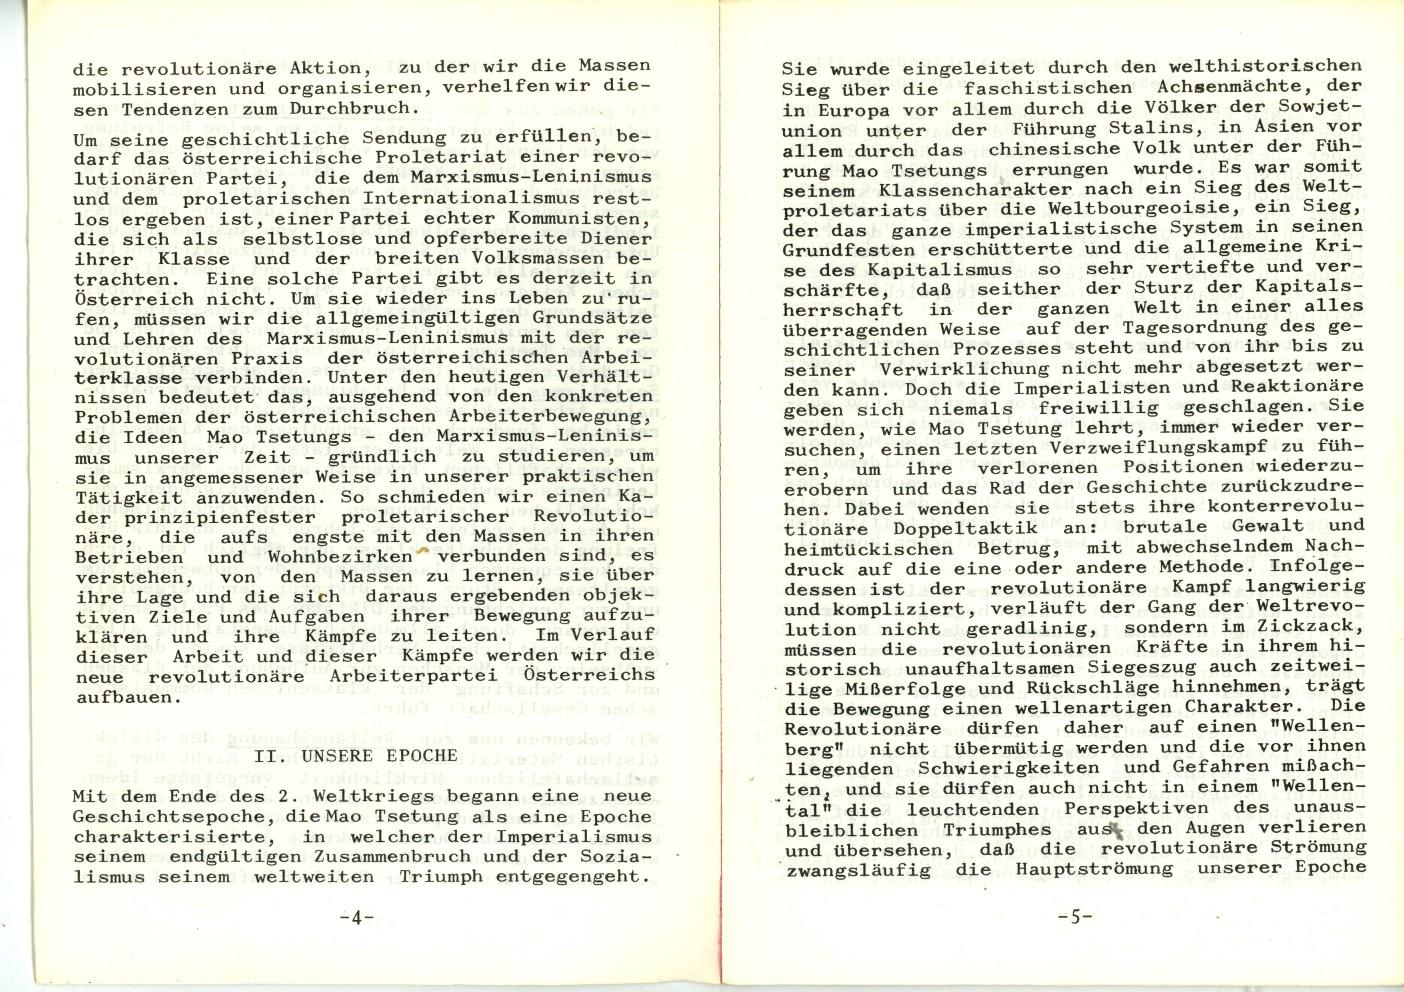 VRA_Grundsatzerklaerung_1971_04